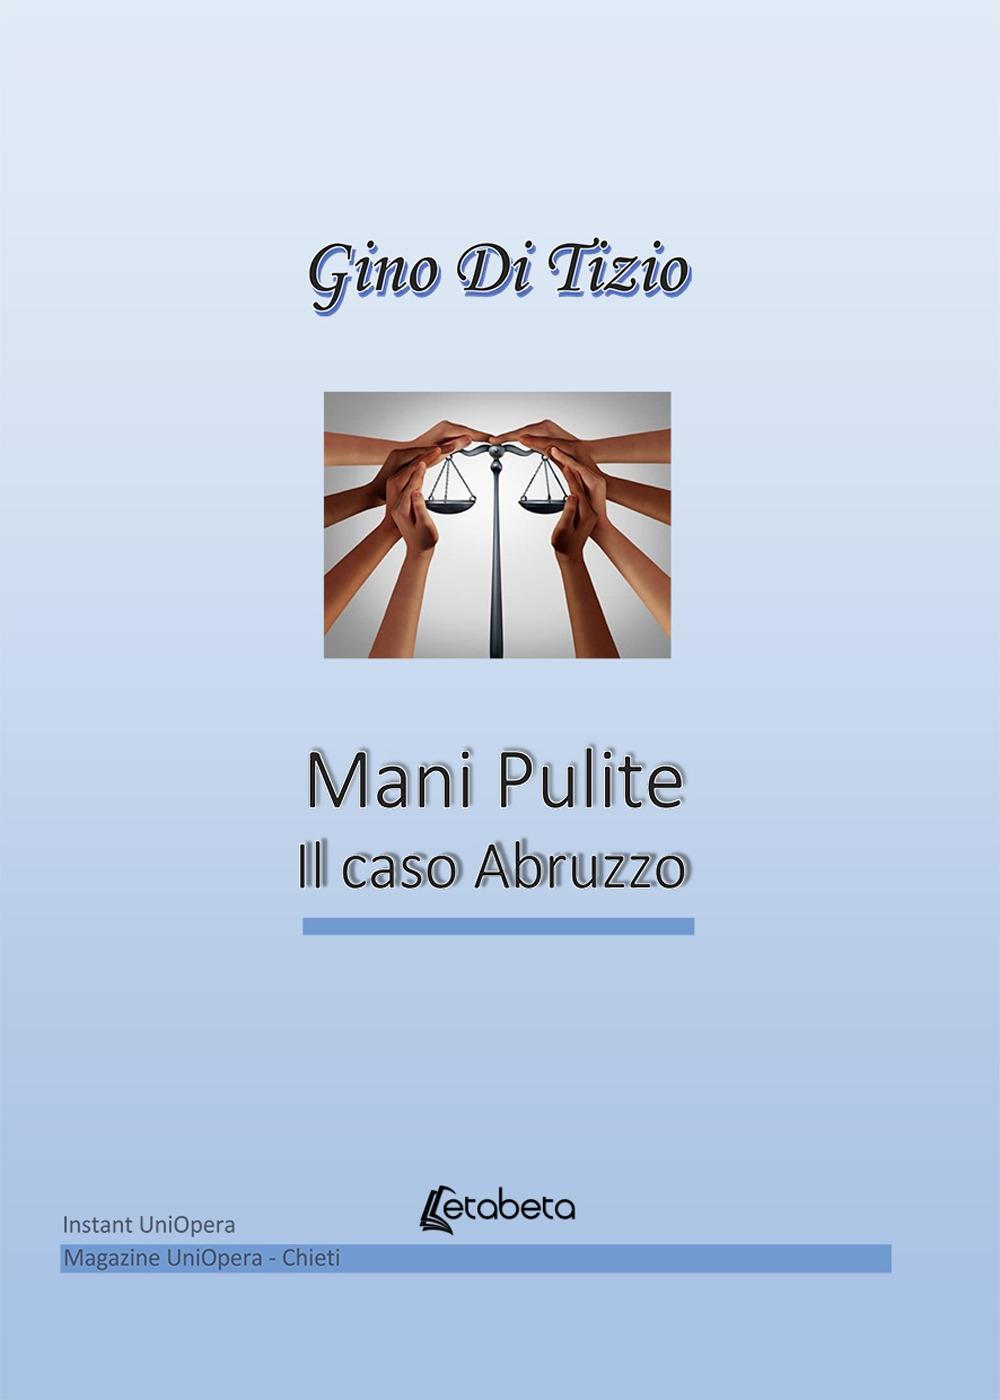 Mani pulite e il caso Abruzzo